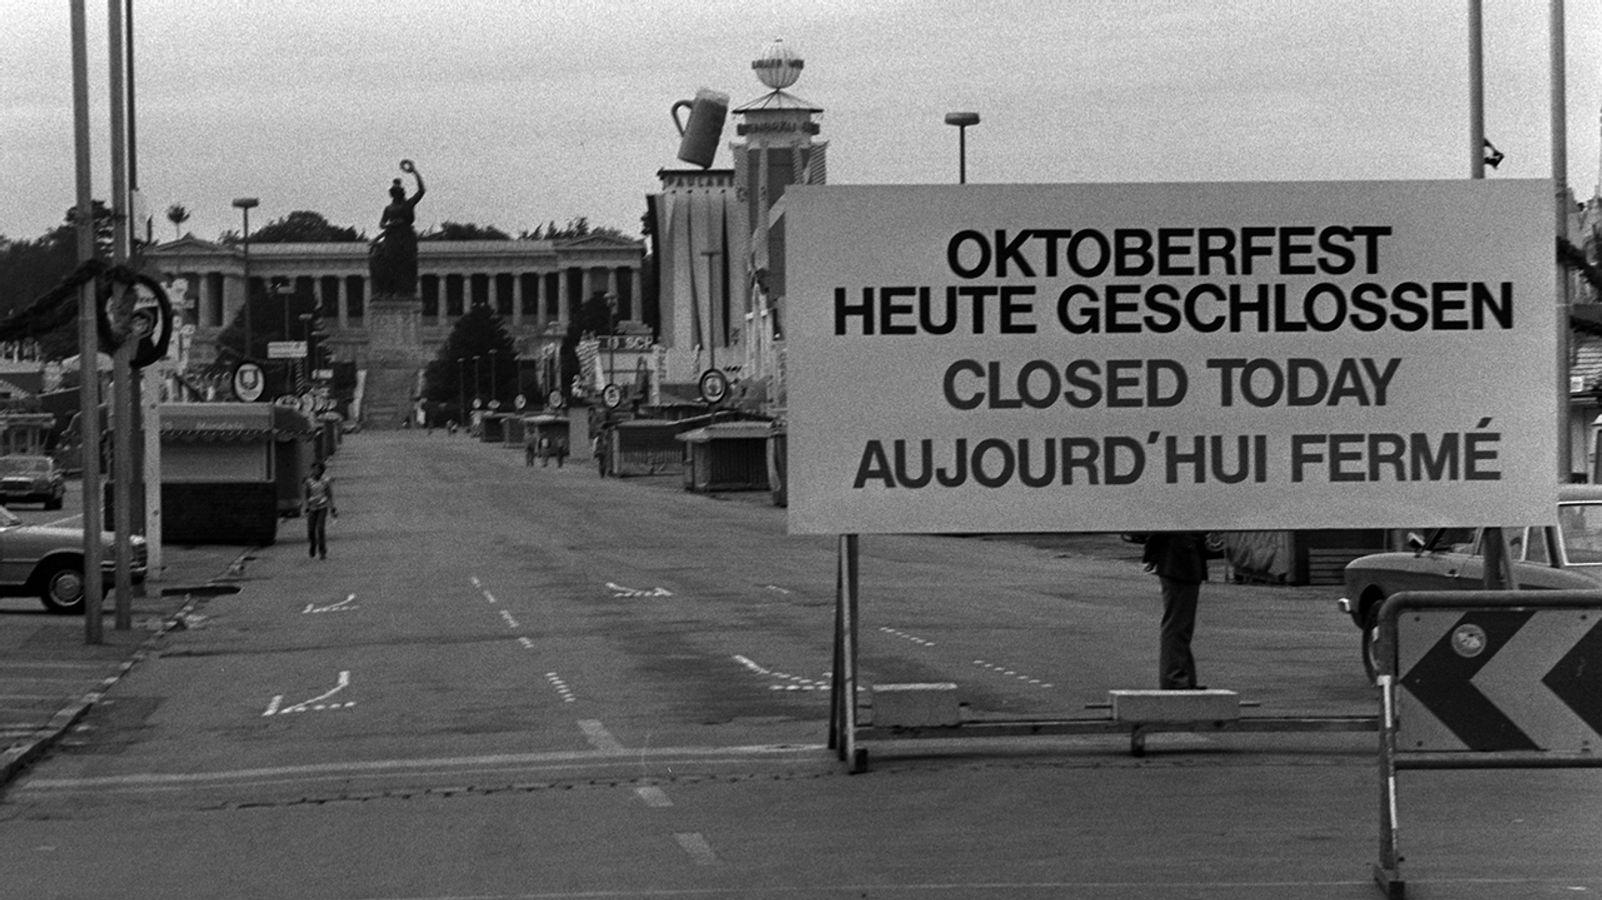 Oktoberfest-Attentat - eine der dunkelsten Stunden Münchens